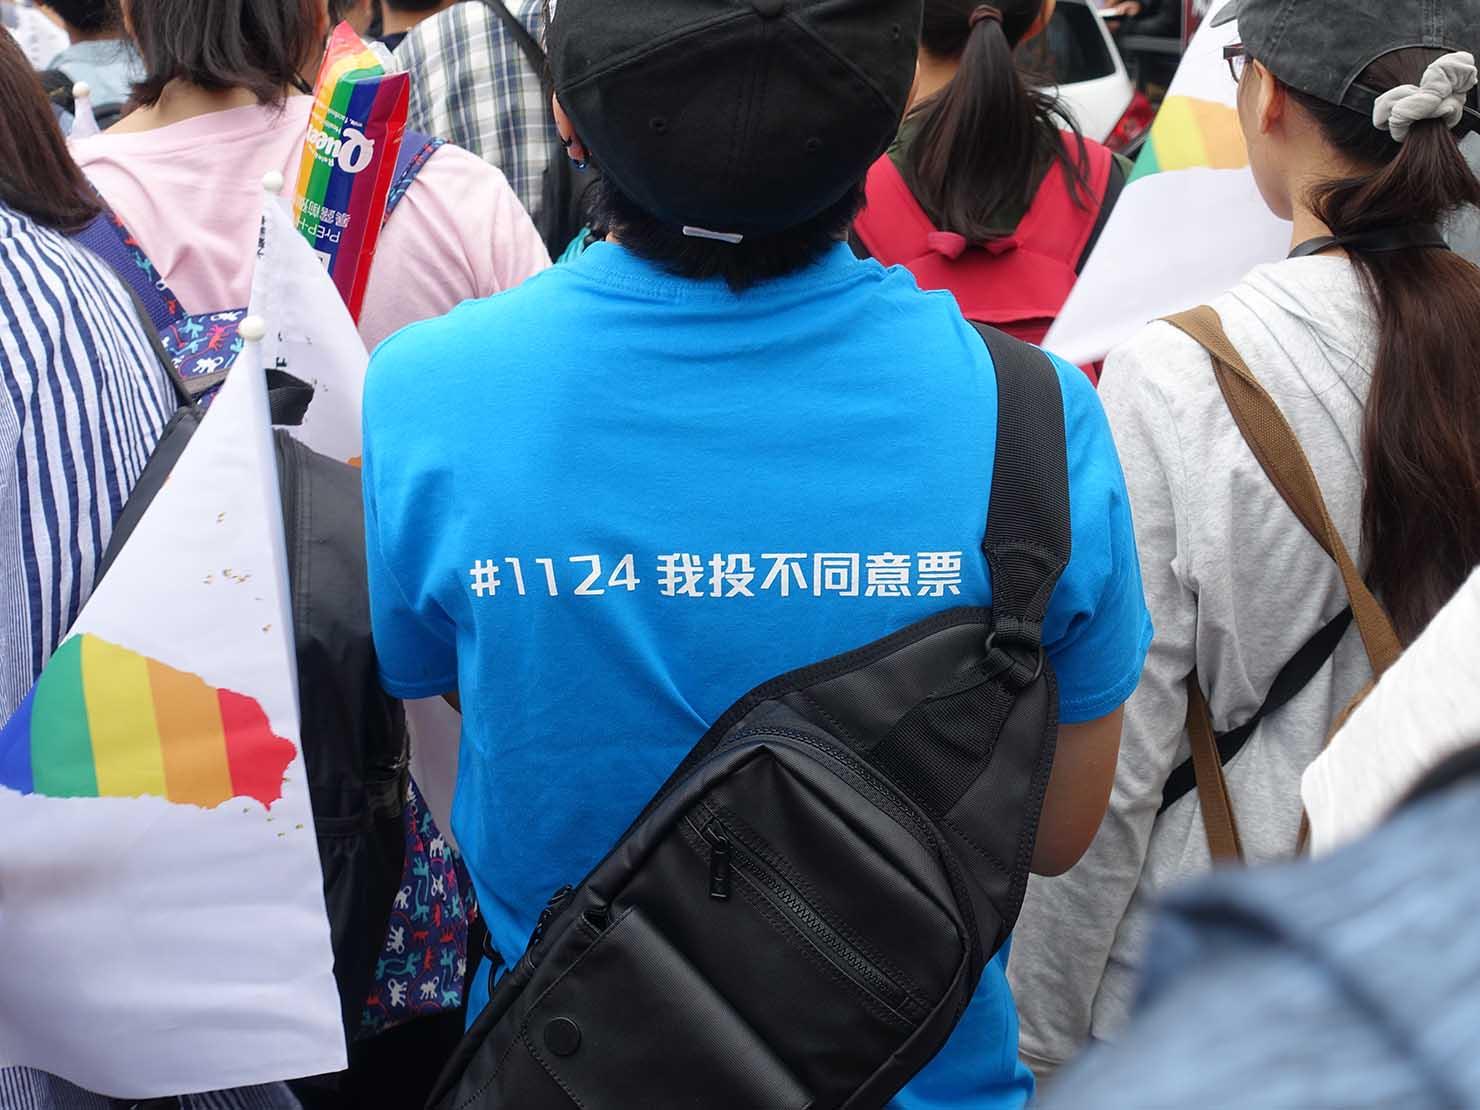 花東彩虹嘉年華(台湾東部LGBTプライド / 花蓮場)パレードで国民投票に関するメッセージ入りTシャツを身につけた参加者